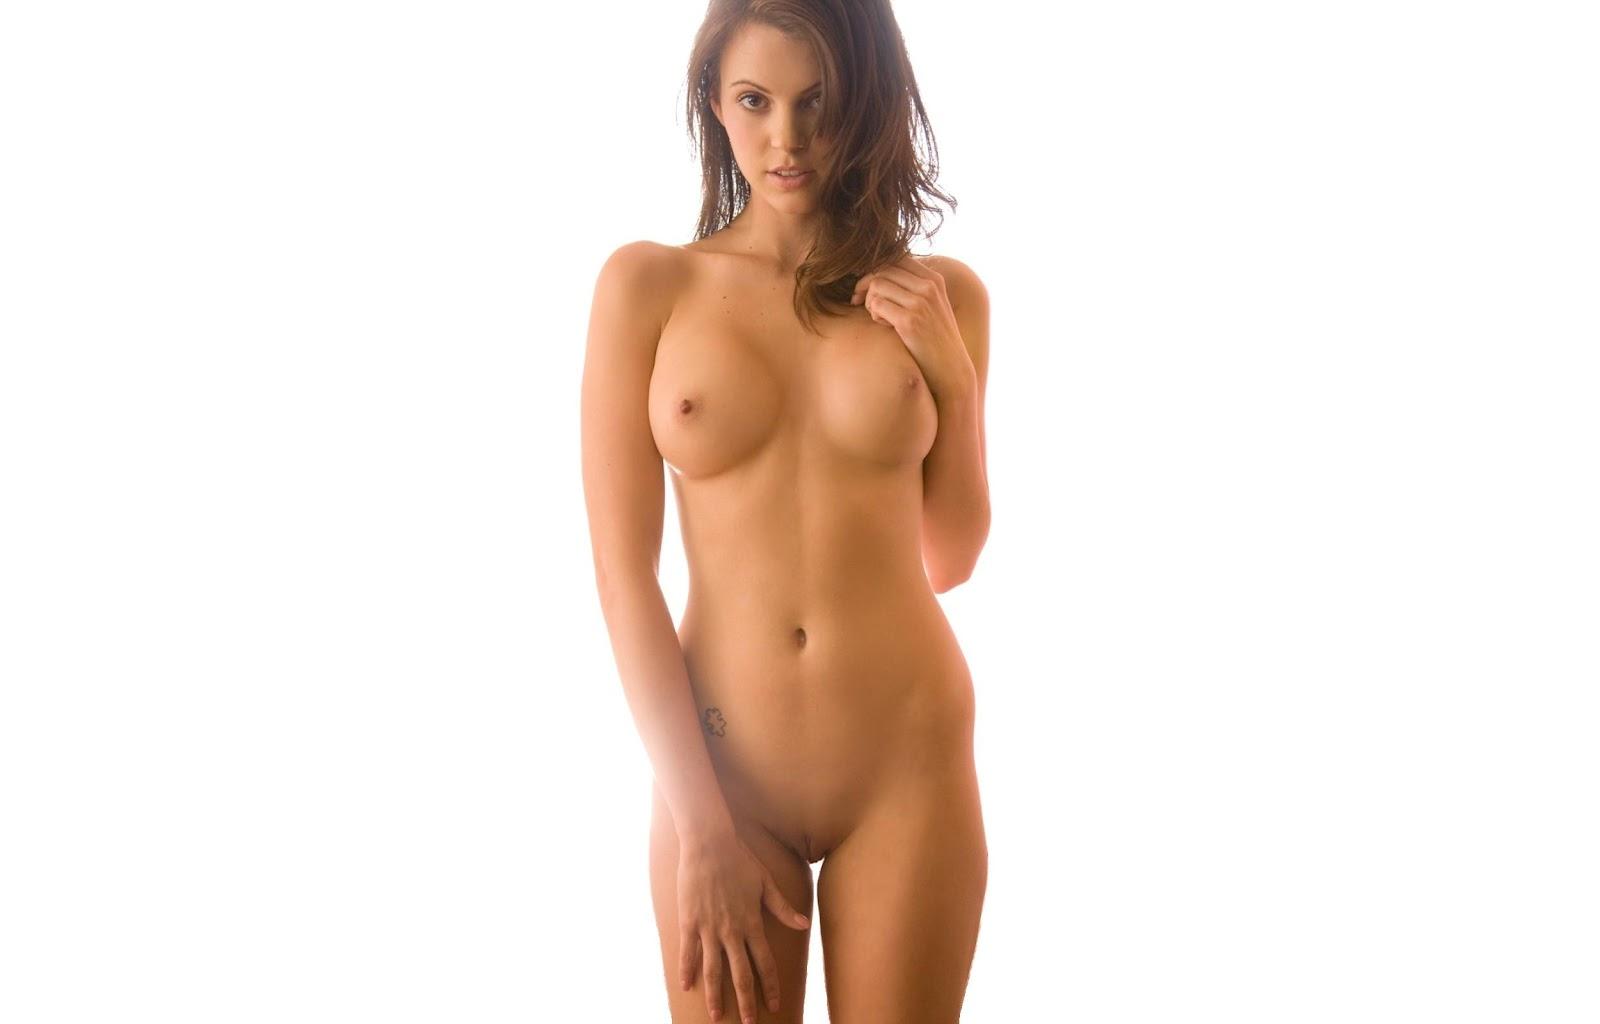 Красивая стройная голая девушка встречи